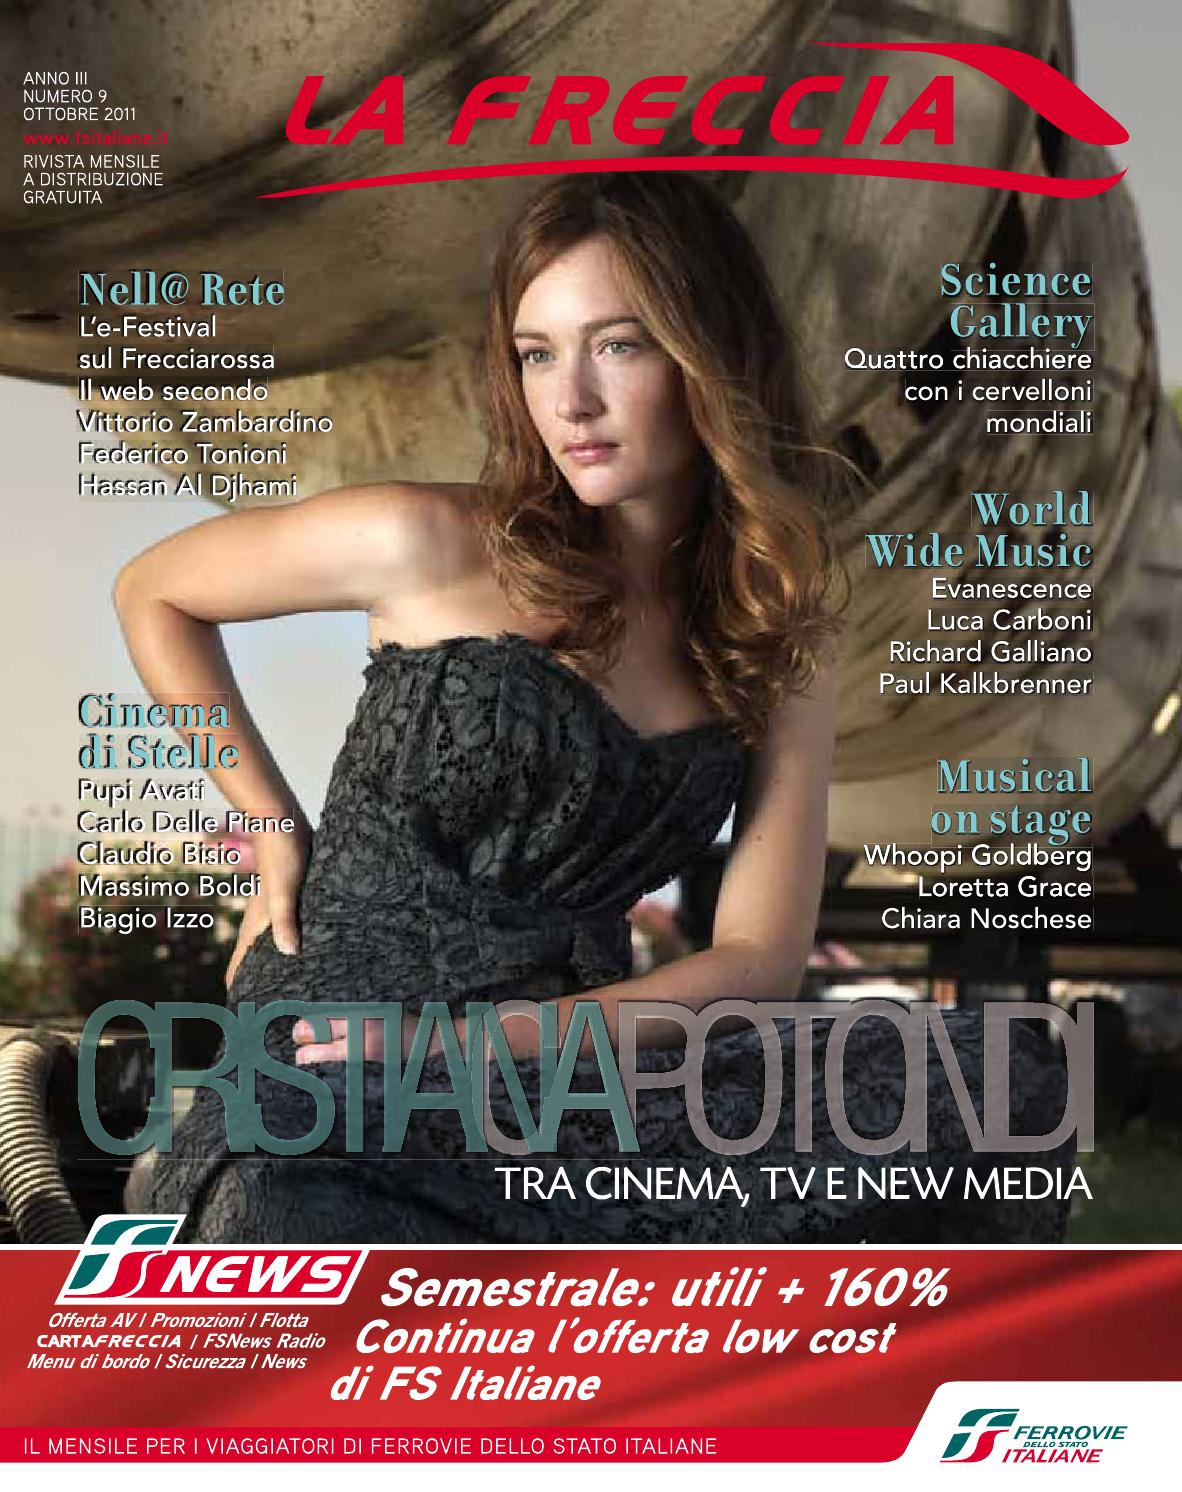 La Freccia - ottobre 2011 by Edizioni La Freccia e In Regione - issuu c75c48f2bfbe